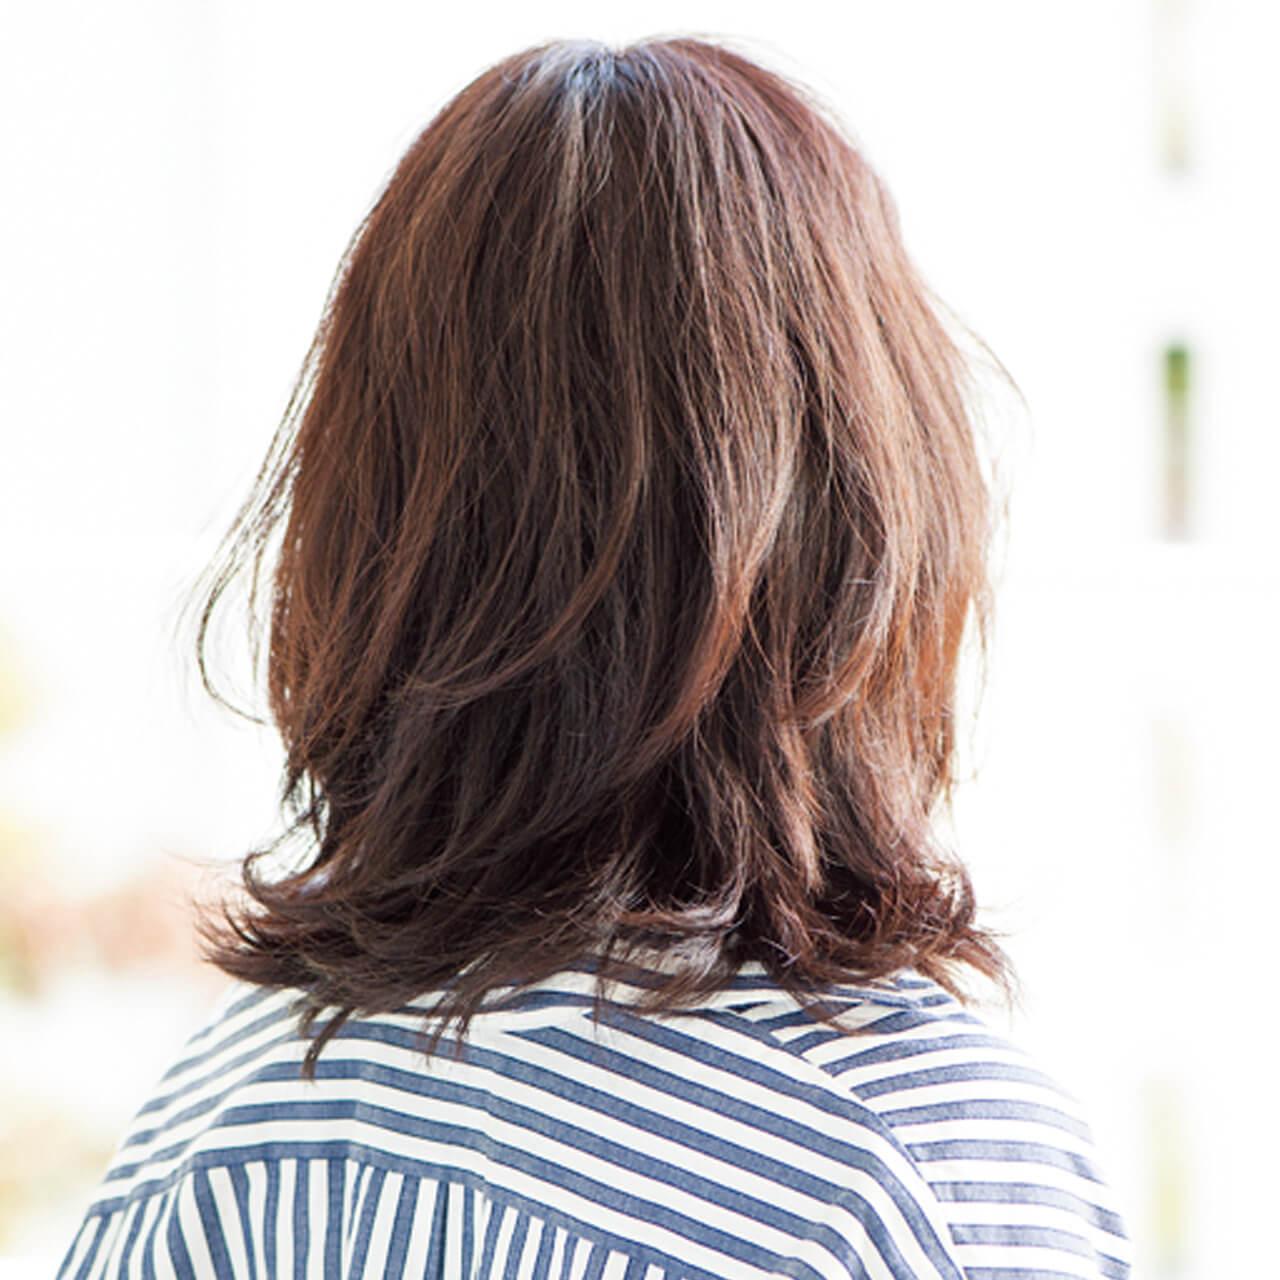 髪の多さも軽減してくれる、くびれフォルムのミディアムヘア【40代のミディアムヘア】_1_3